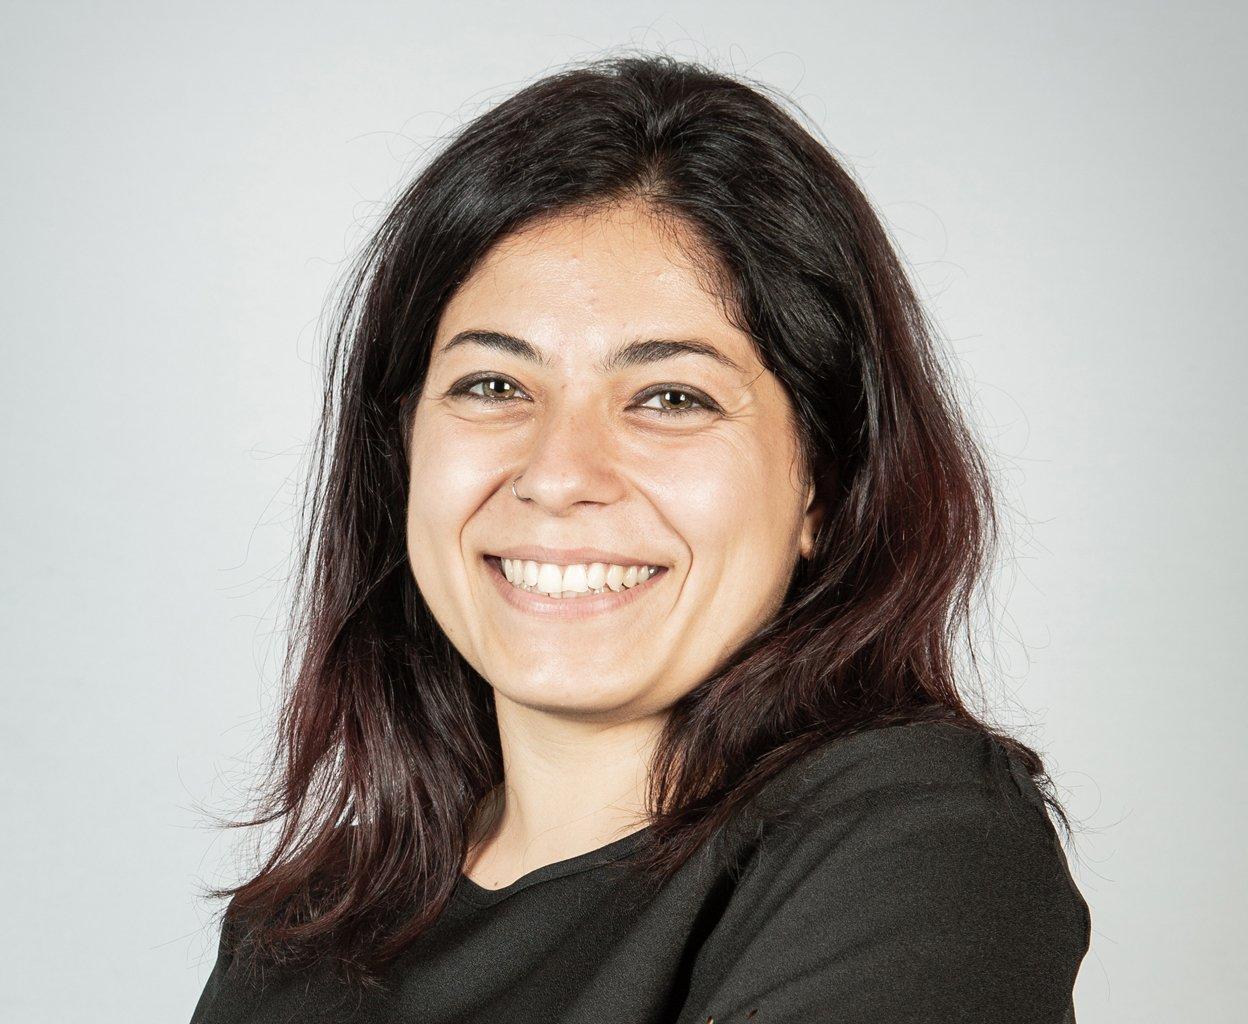 Clara Siciliano